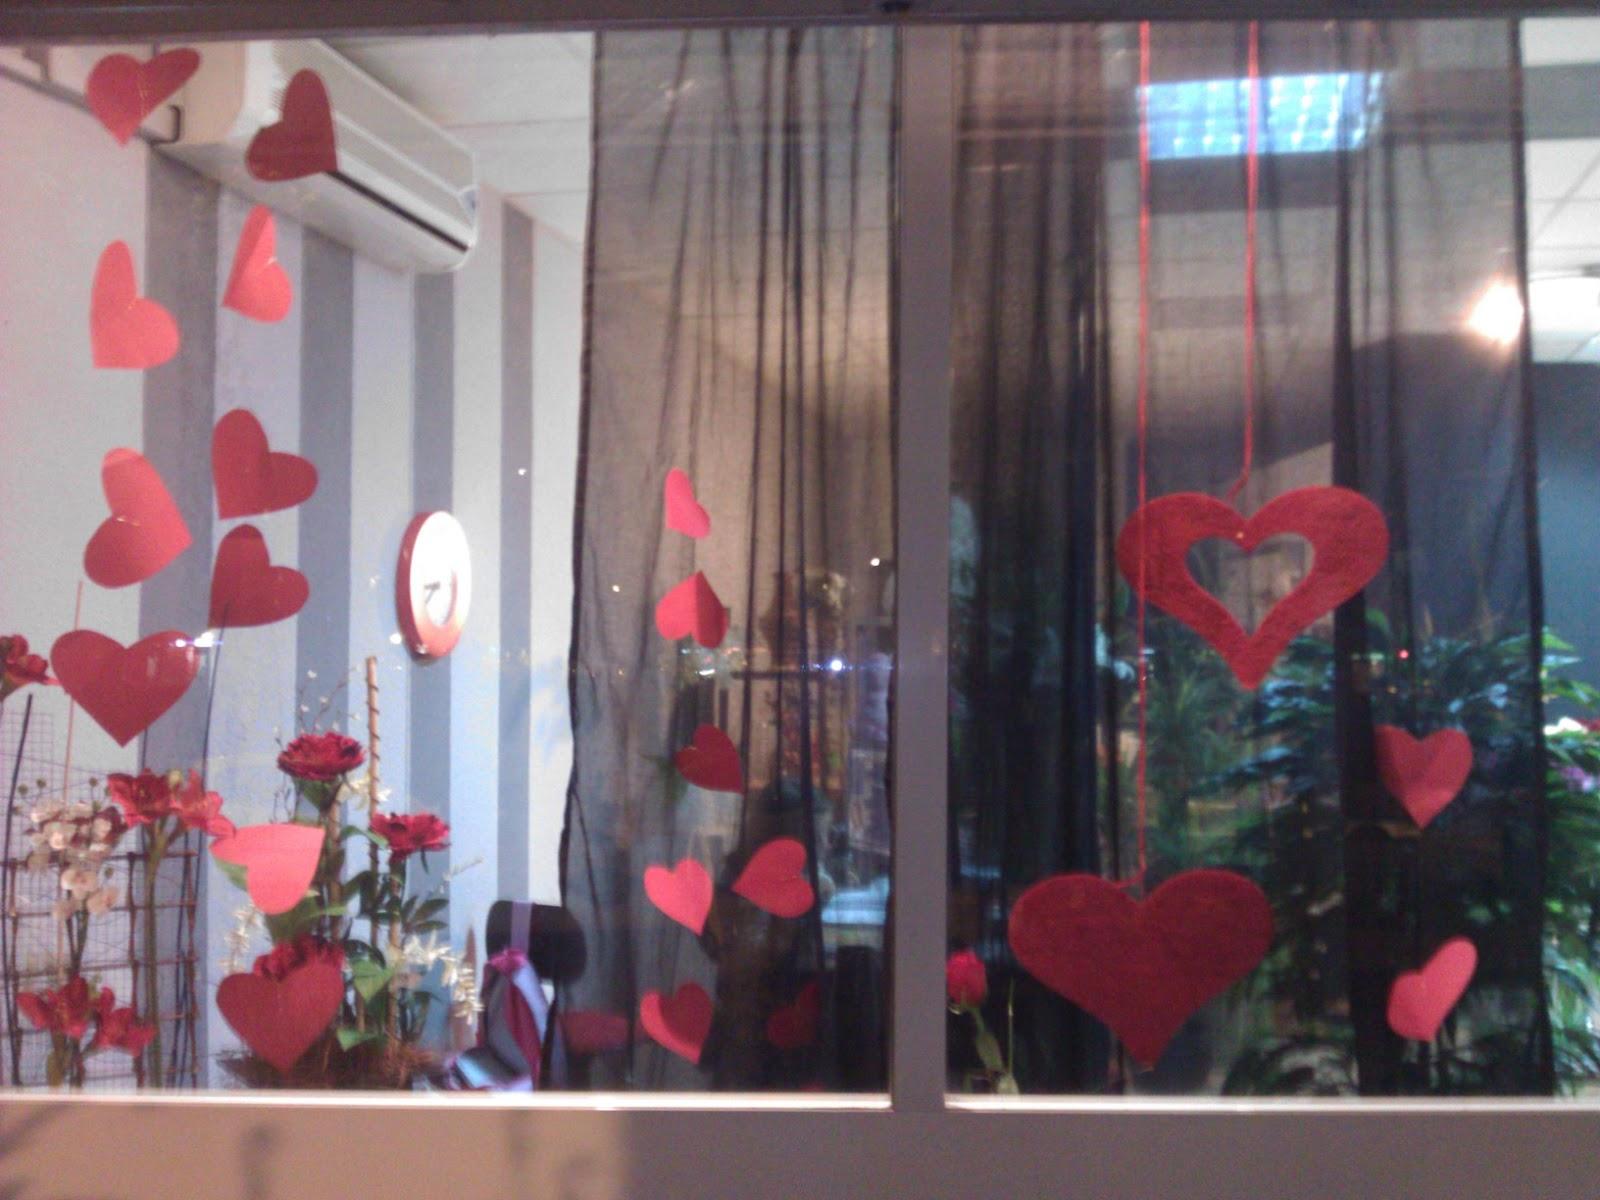 Decoraciones en escaparates de san valentin auto design tech - Decoraciones para san valentin ...